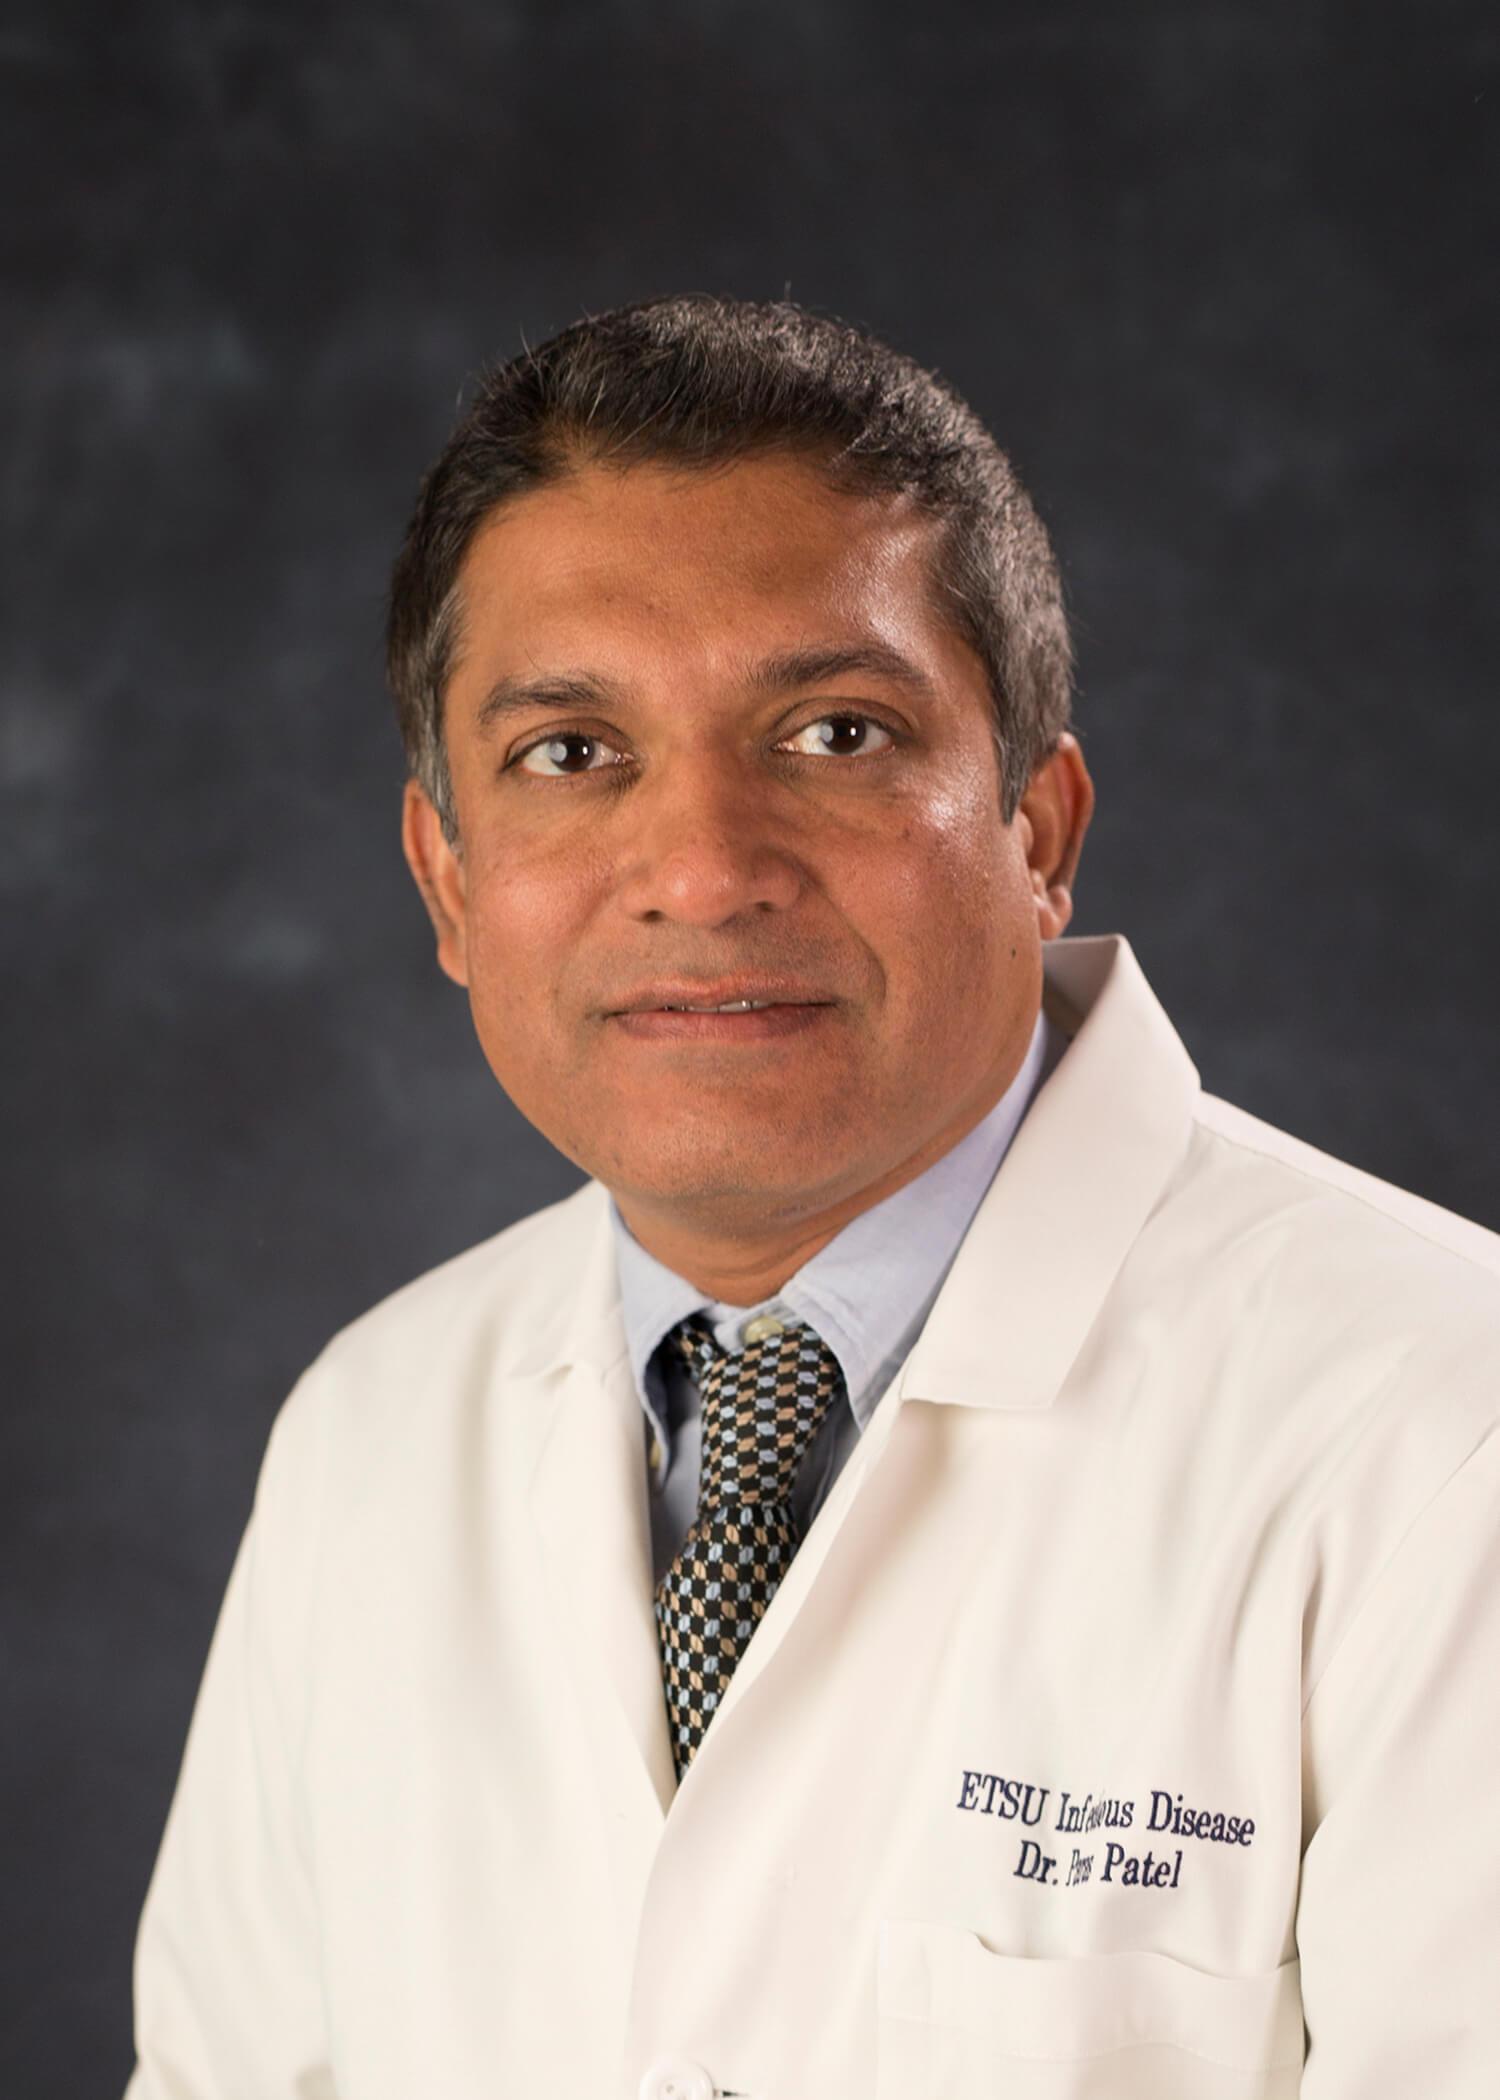 Photo of Paras Patel, M.D.